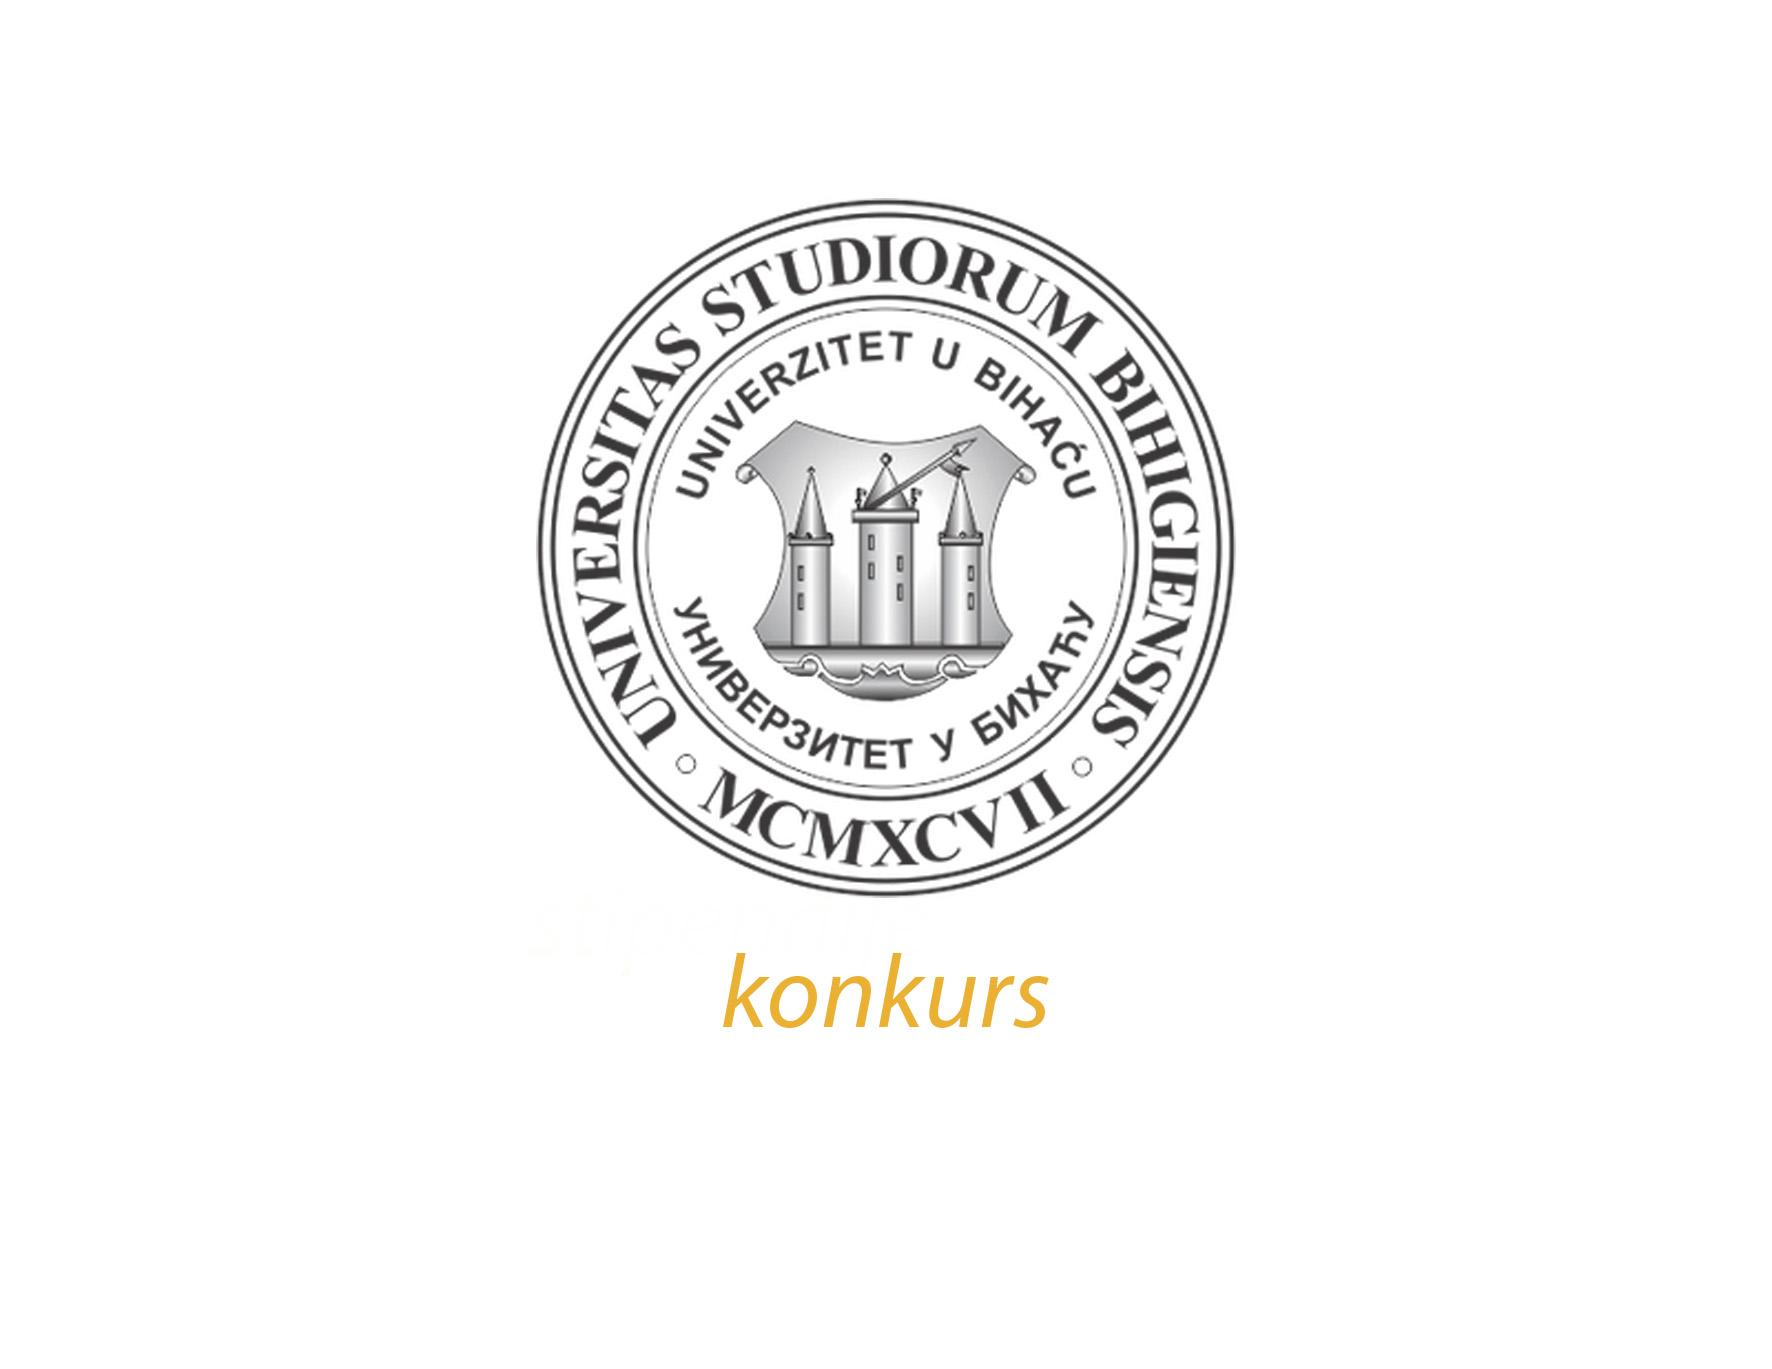 Konkurs za izbor i imenovanje rektora Univerziteta u Bihaću